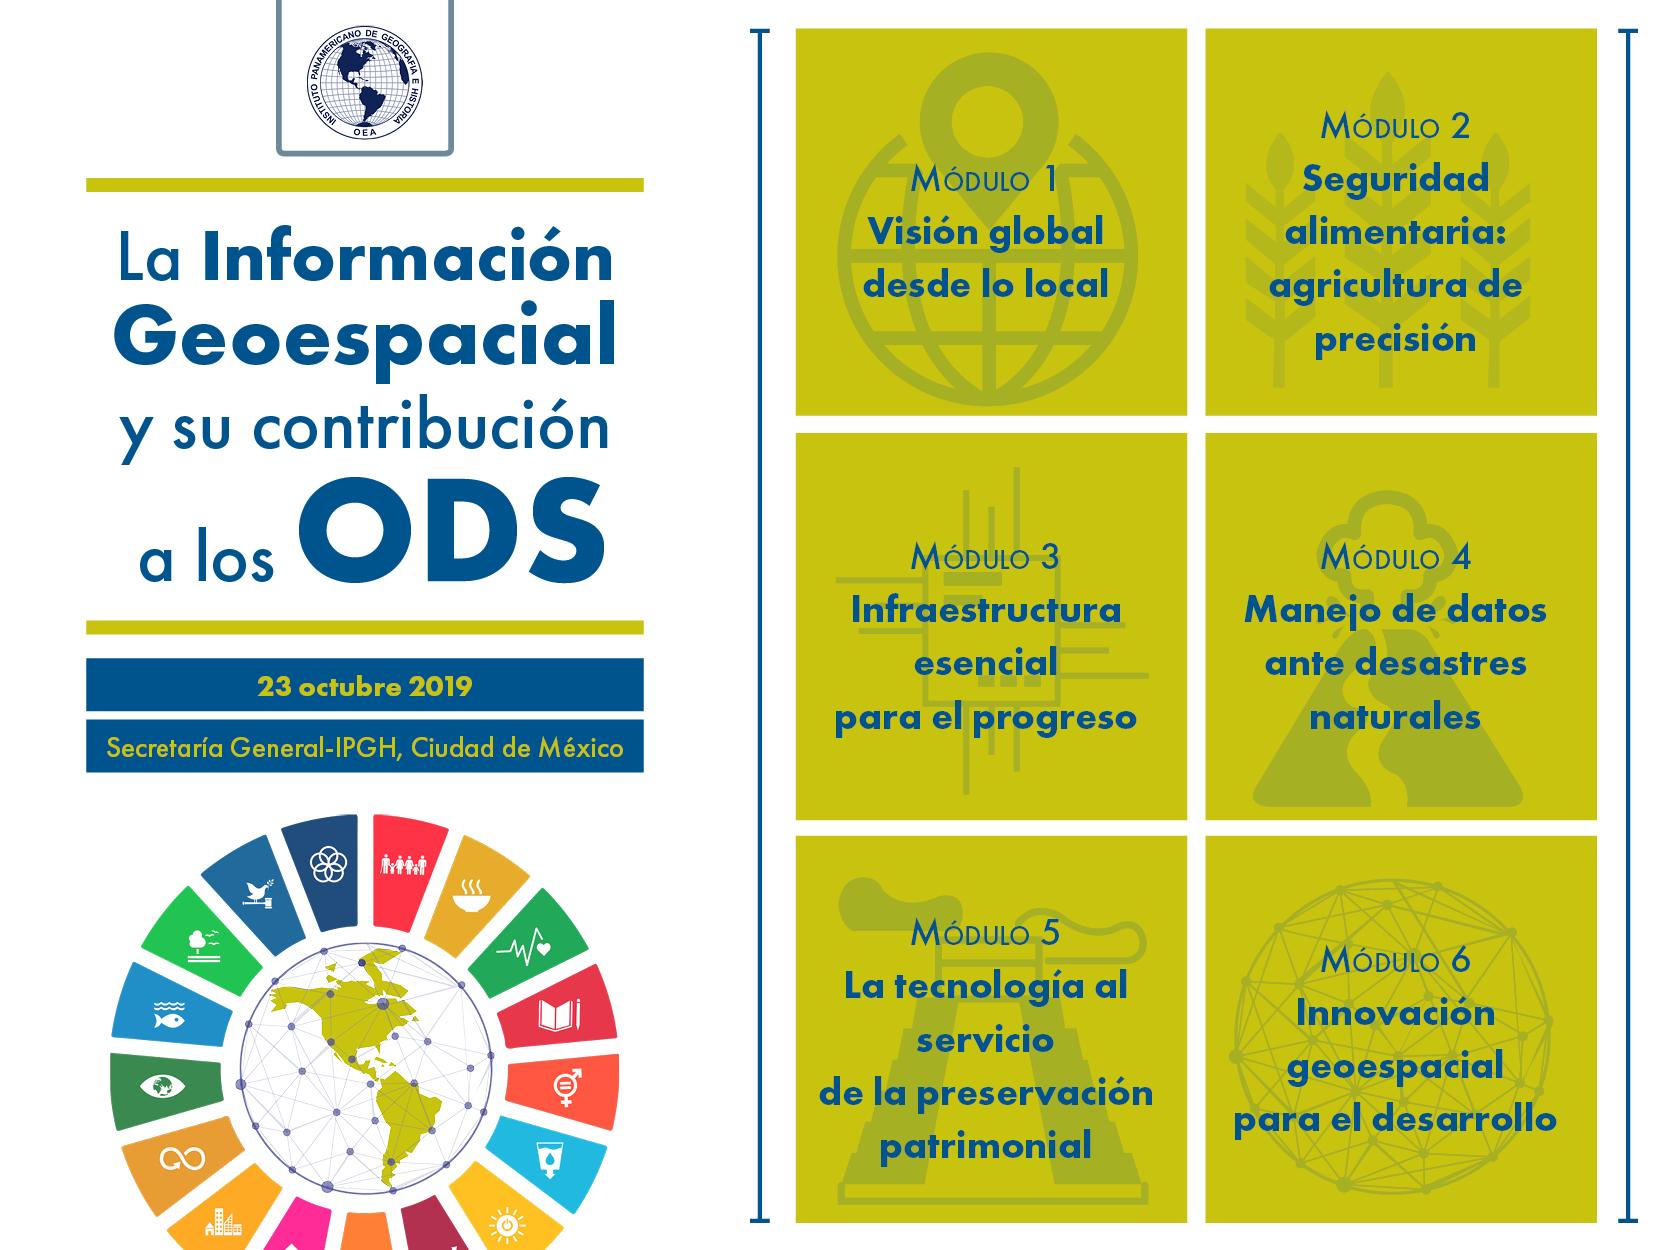 El Seminario se llevará a cabo el 23 de octubre del presente año, de 9 a 17 horas, en las instalaciones de la Secretaría General del Instituto:  Ex-Arzobispado No. 29, Col. Observatorio, Ciudad de México.